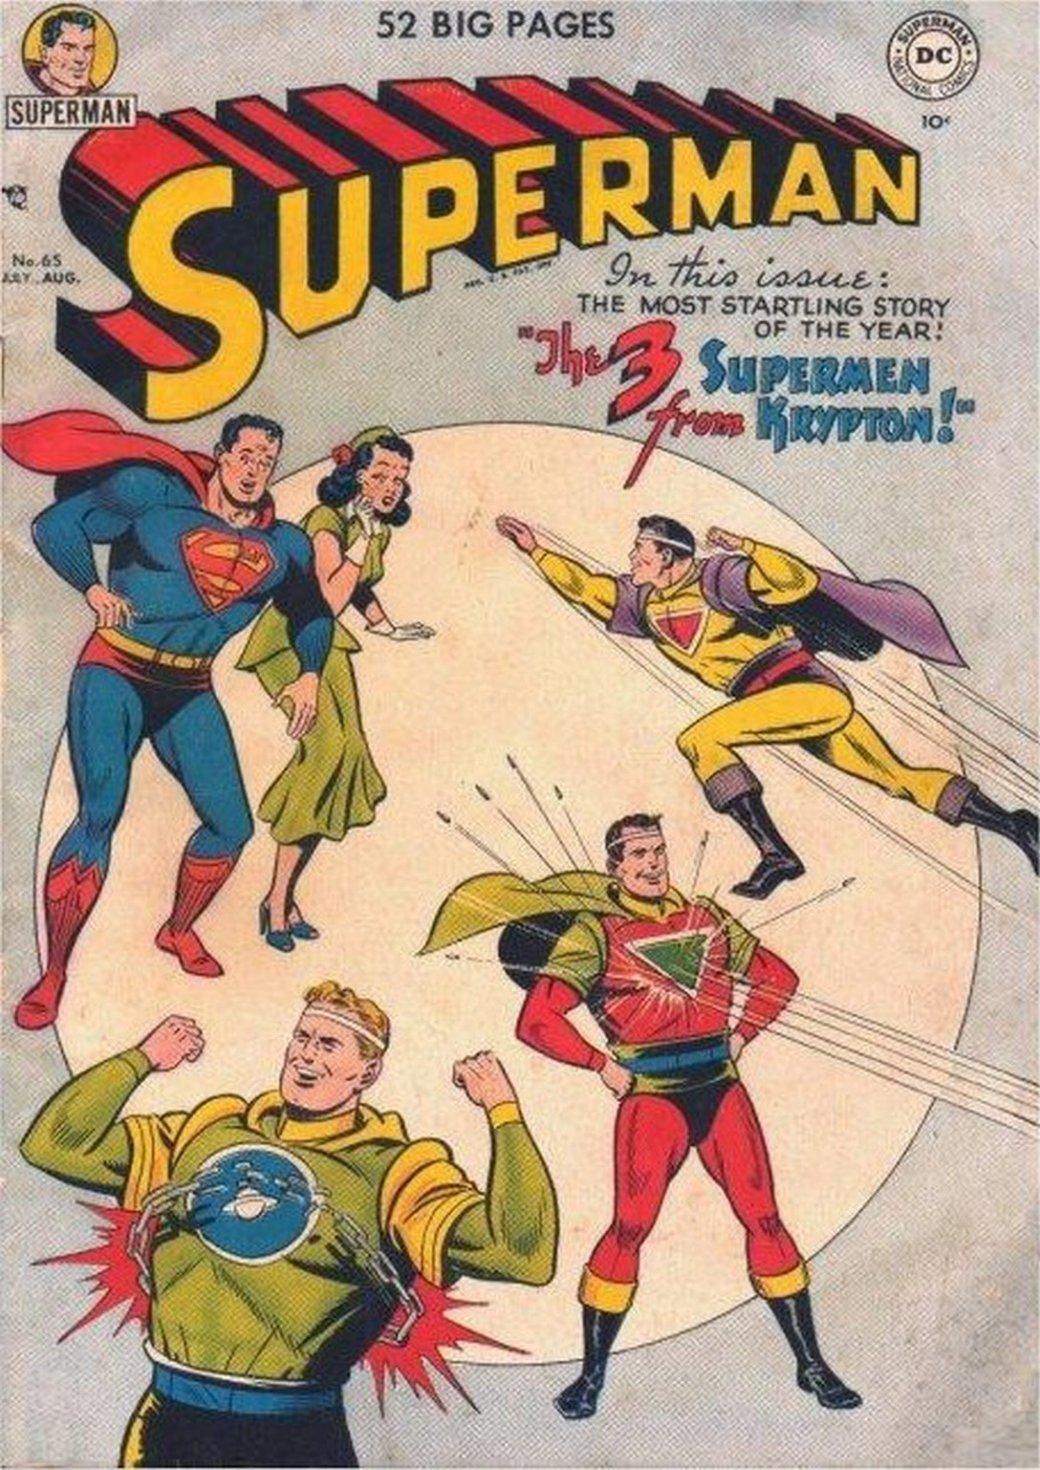 История Супермена иэволюция его образа вкомиксах   Канобу - Изображение 9394